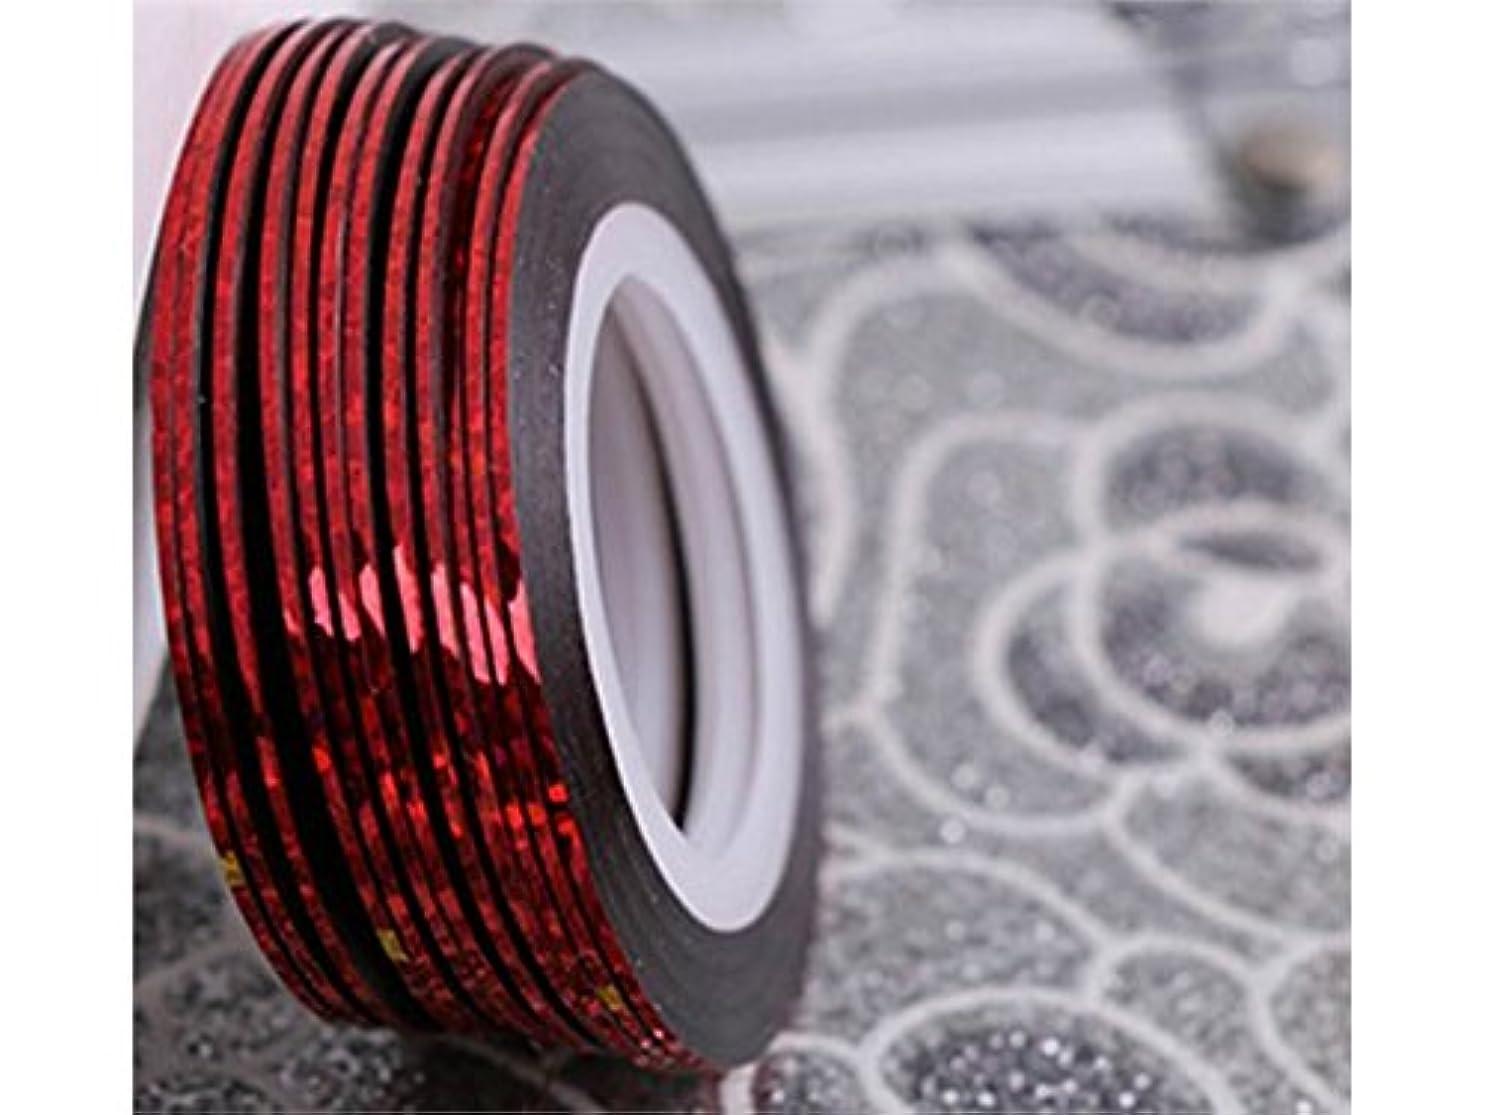 バインド四分円酔ってOsize ネイルアートキラキラゴールドシルバーストリップラインリボンストライプ装飾ツールネイルステッカーストライピングテープラインネイルアート装飾(赤)